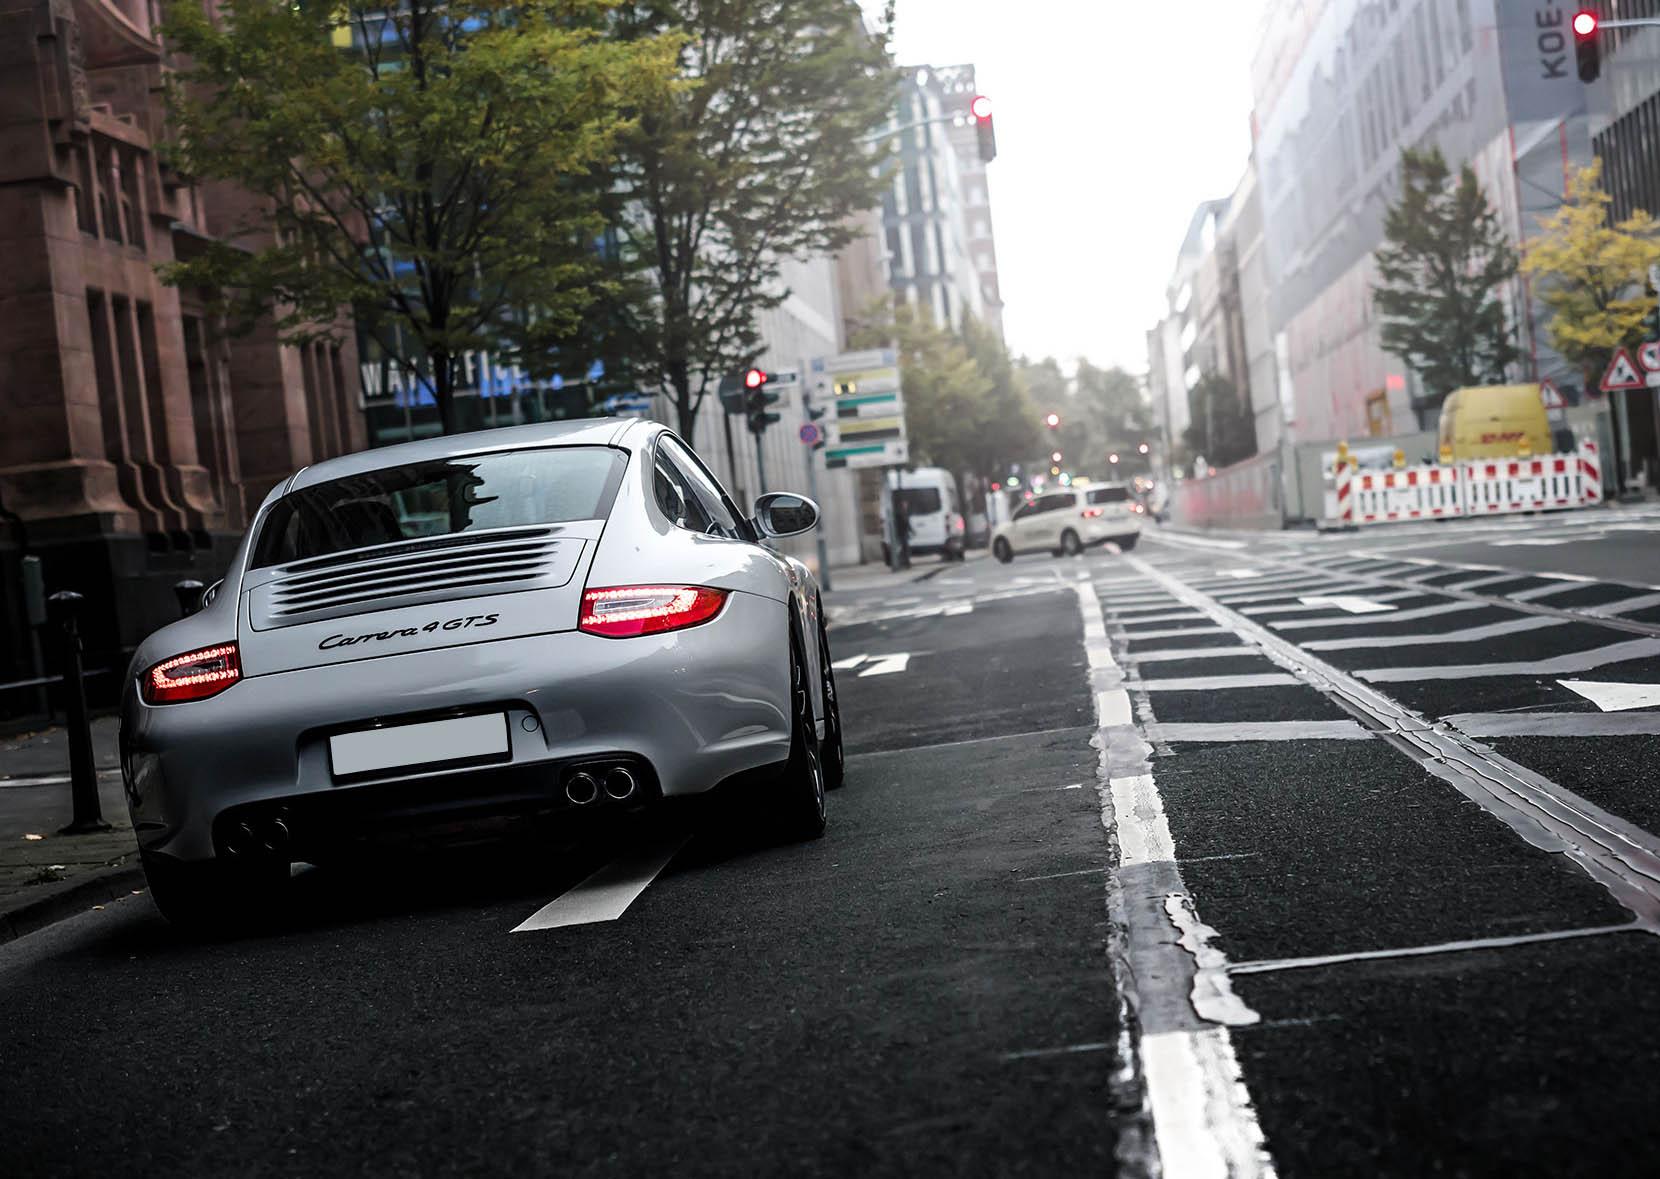 B&K_Sportwagen_Rheinland_GmbH_Porsche_997_4GTS_grau_18